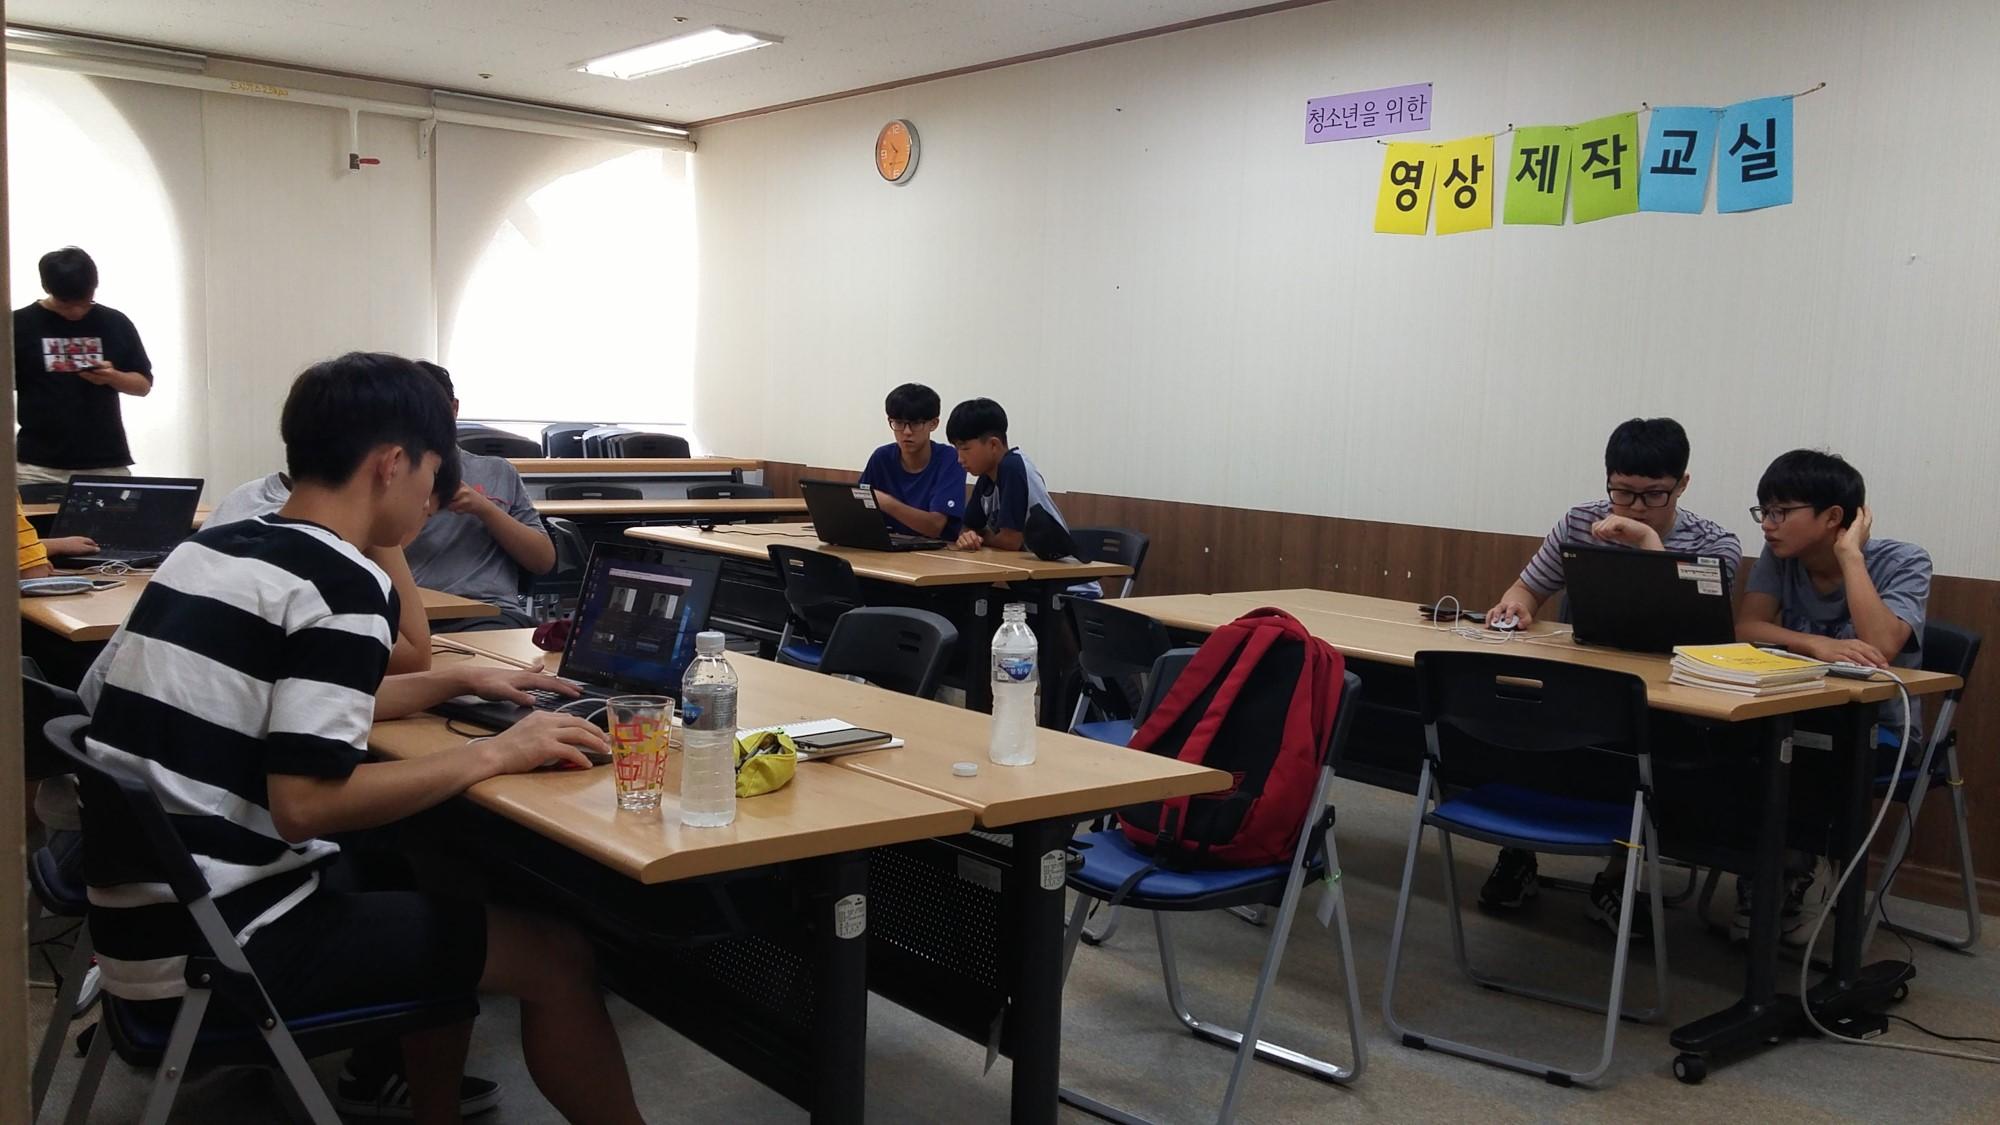 편집실습을 하는 학생들.jpg